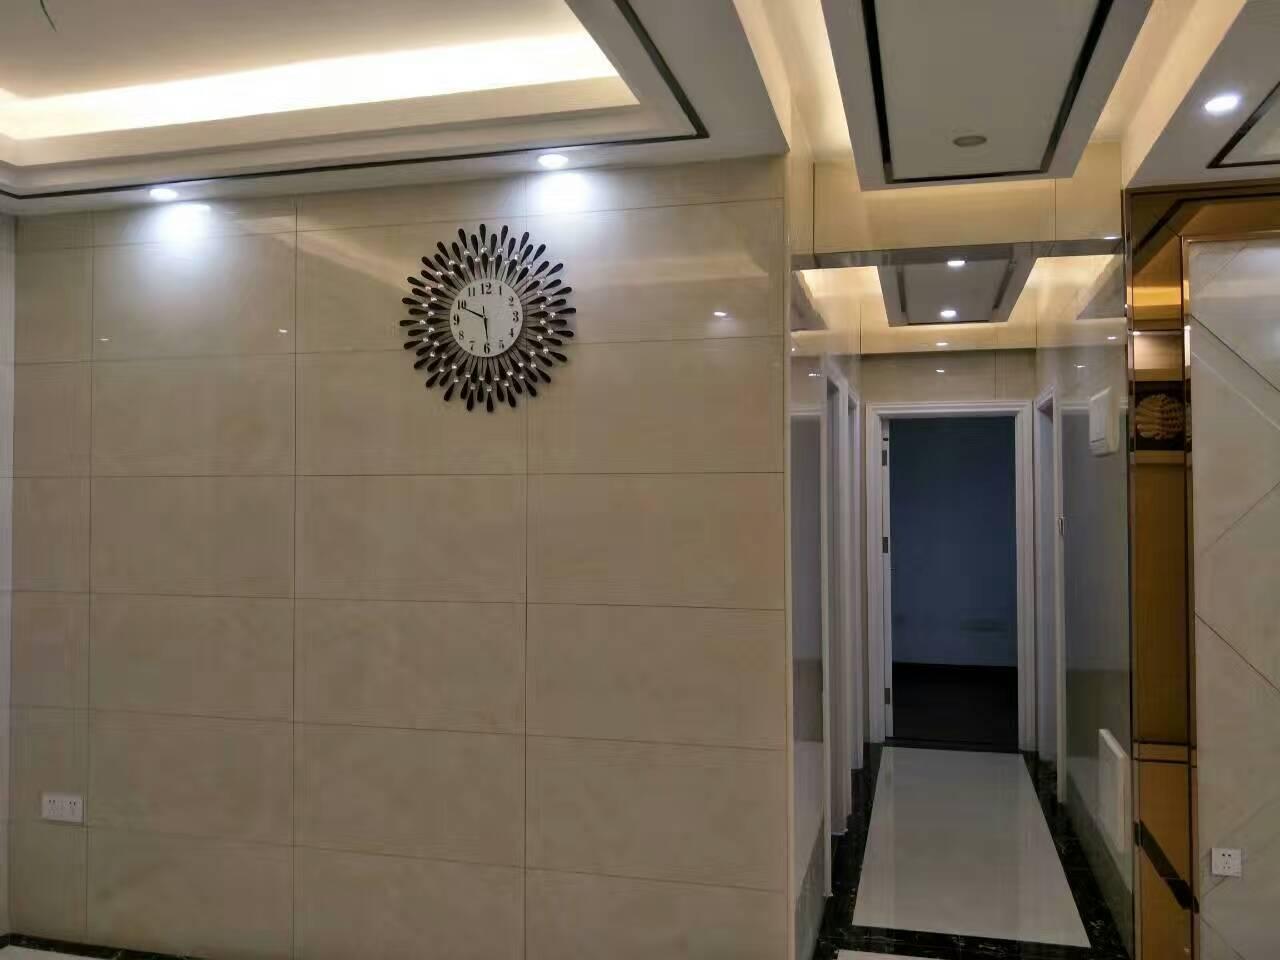 简约 三居 收纳 80后 小资 其他图片来自拼搏未来-工长张军在广州市天河区金泽大厦的分享